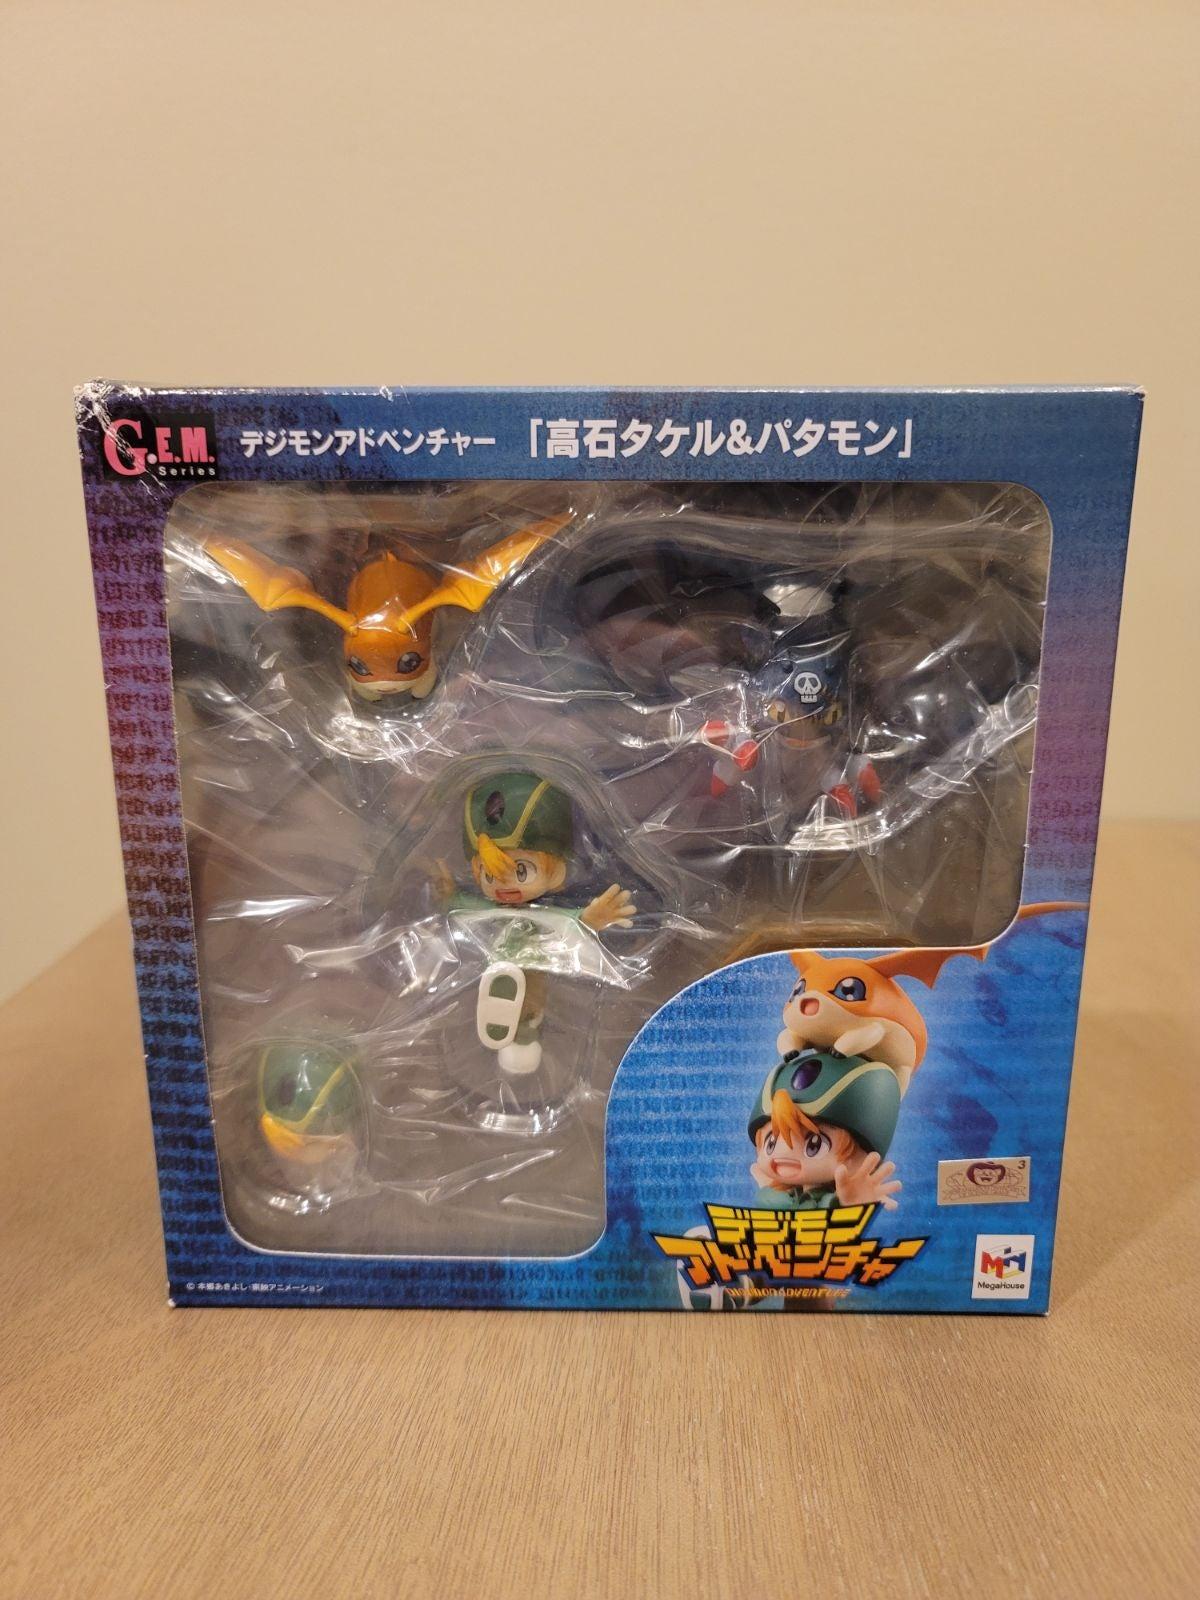 Digimon Adv. Takaichi Takeru & Patamon